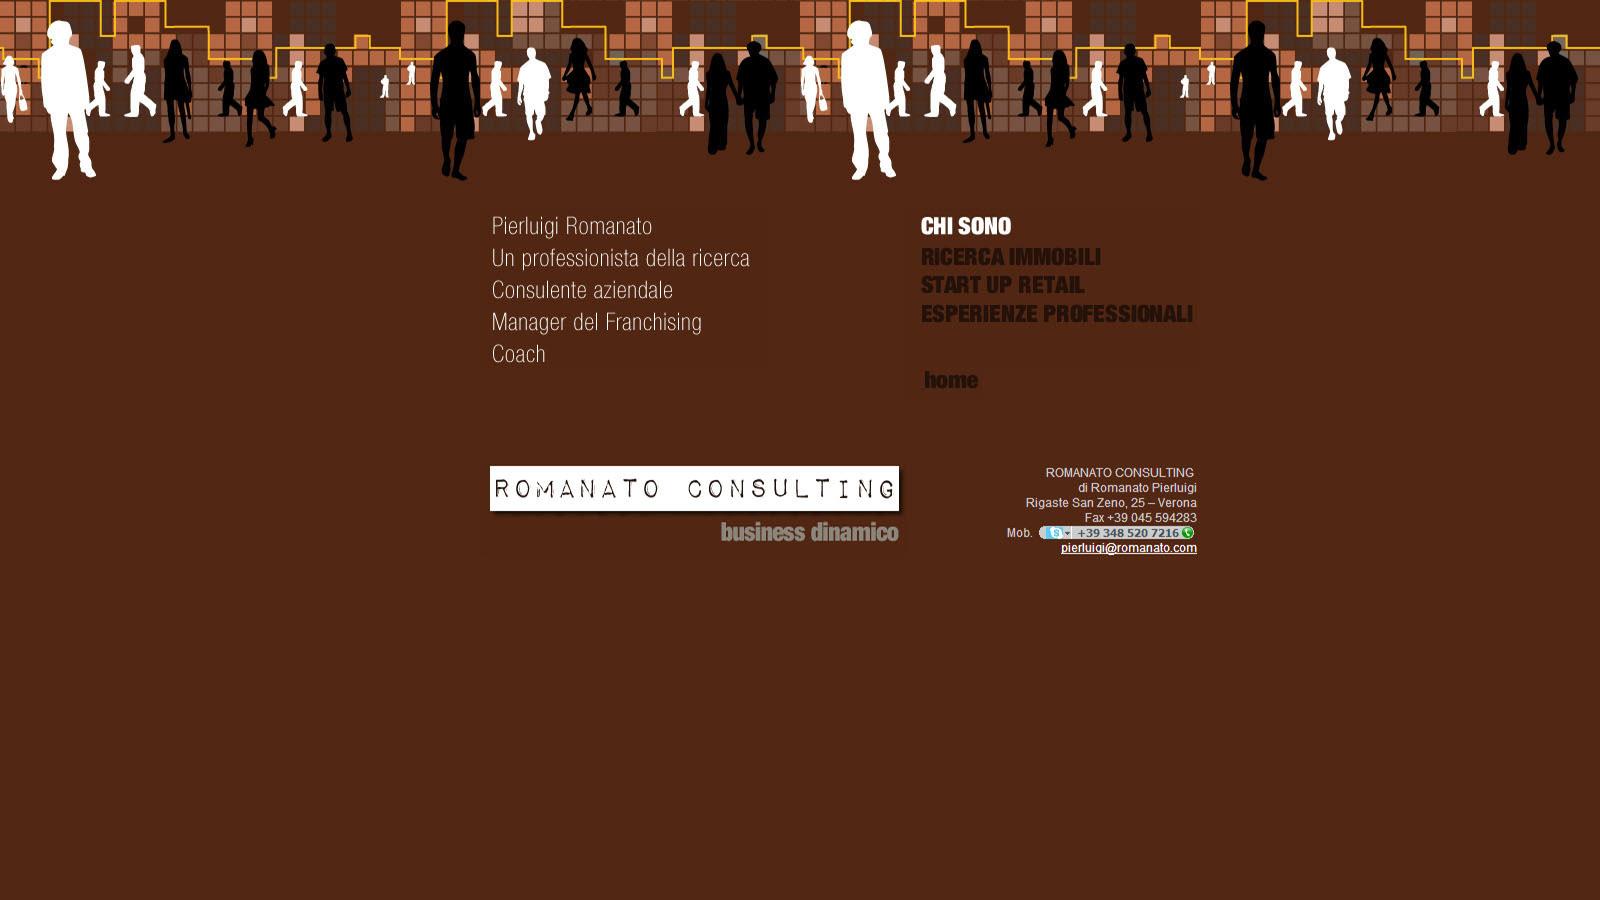 romanato-consulting-sito-chi-sono